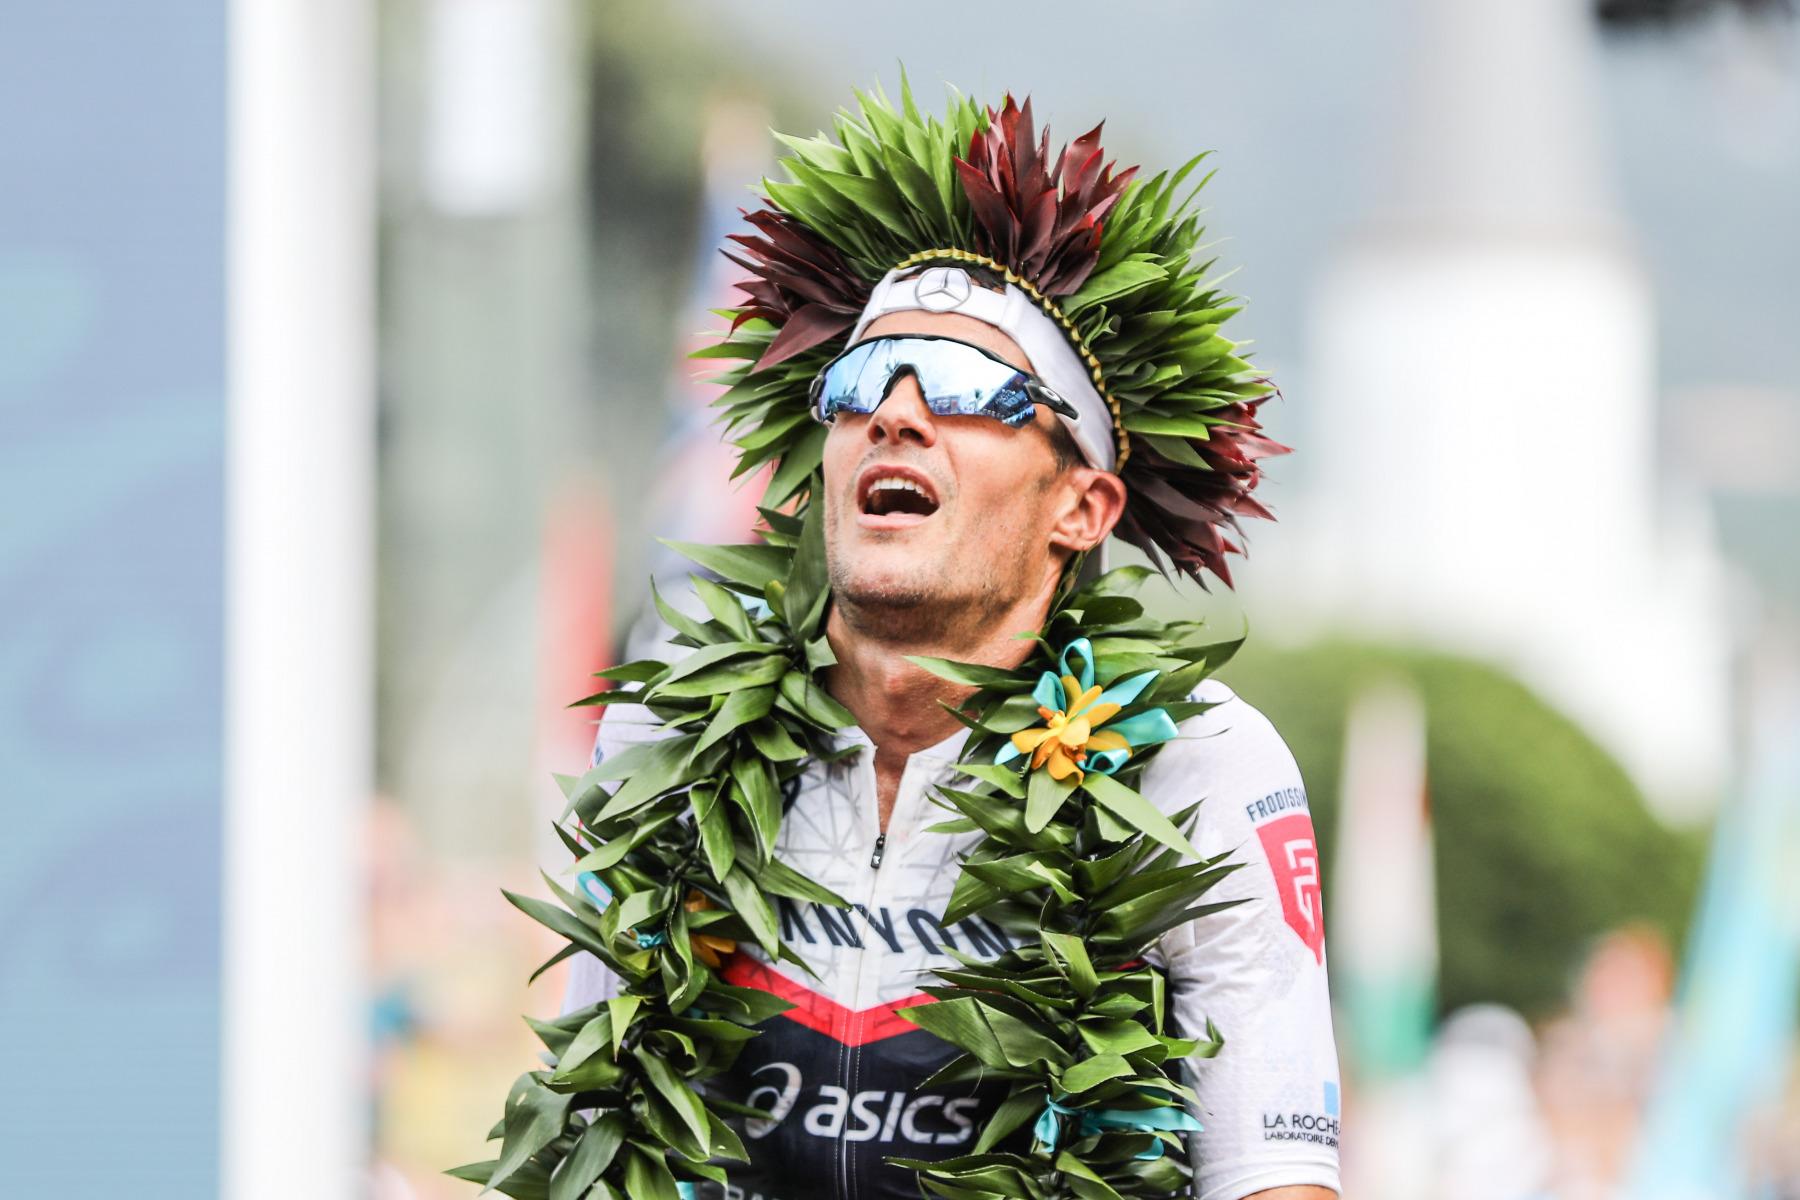 Dazu bleibt der Champion unter dem Streckenrekord von Patrick Lange aus dem Vorjahr.